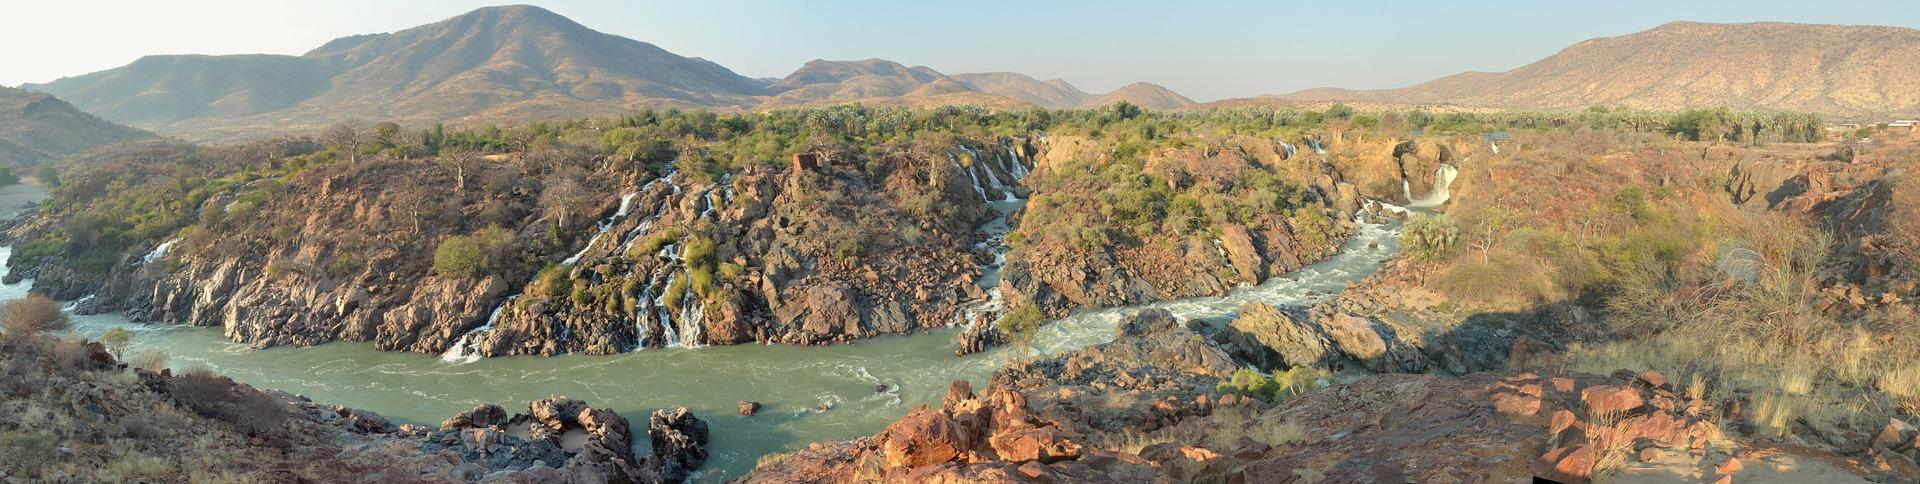 Намібійський водоспад Епупа